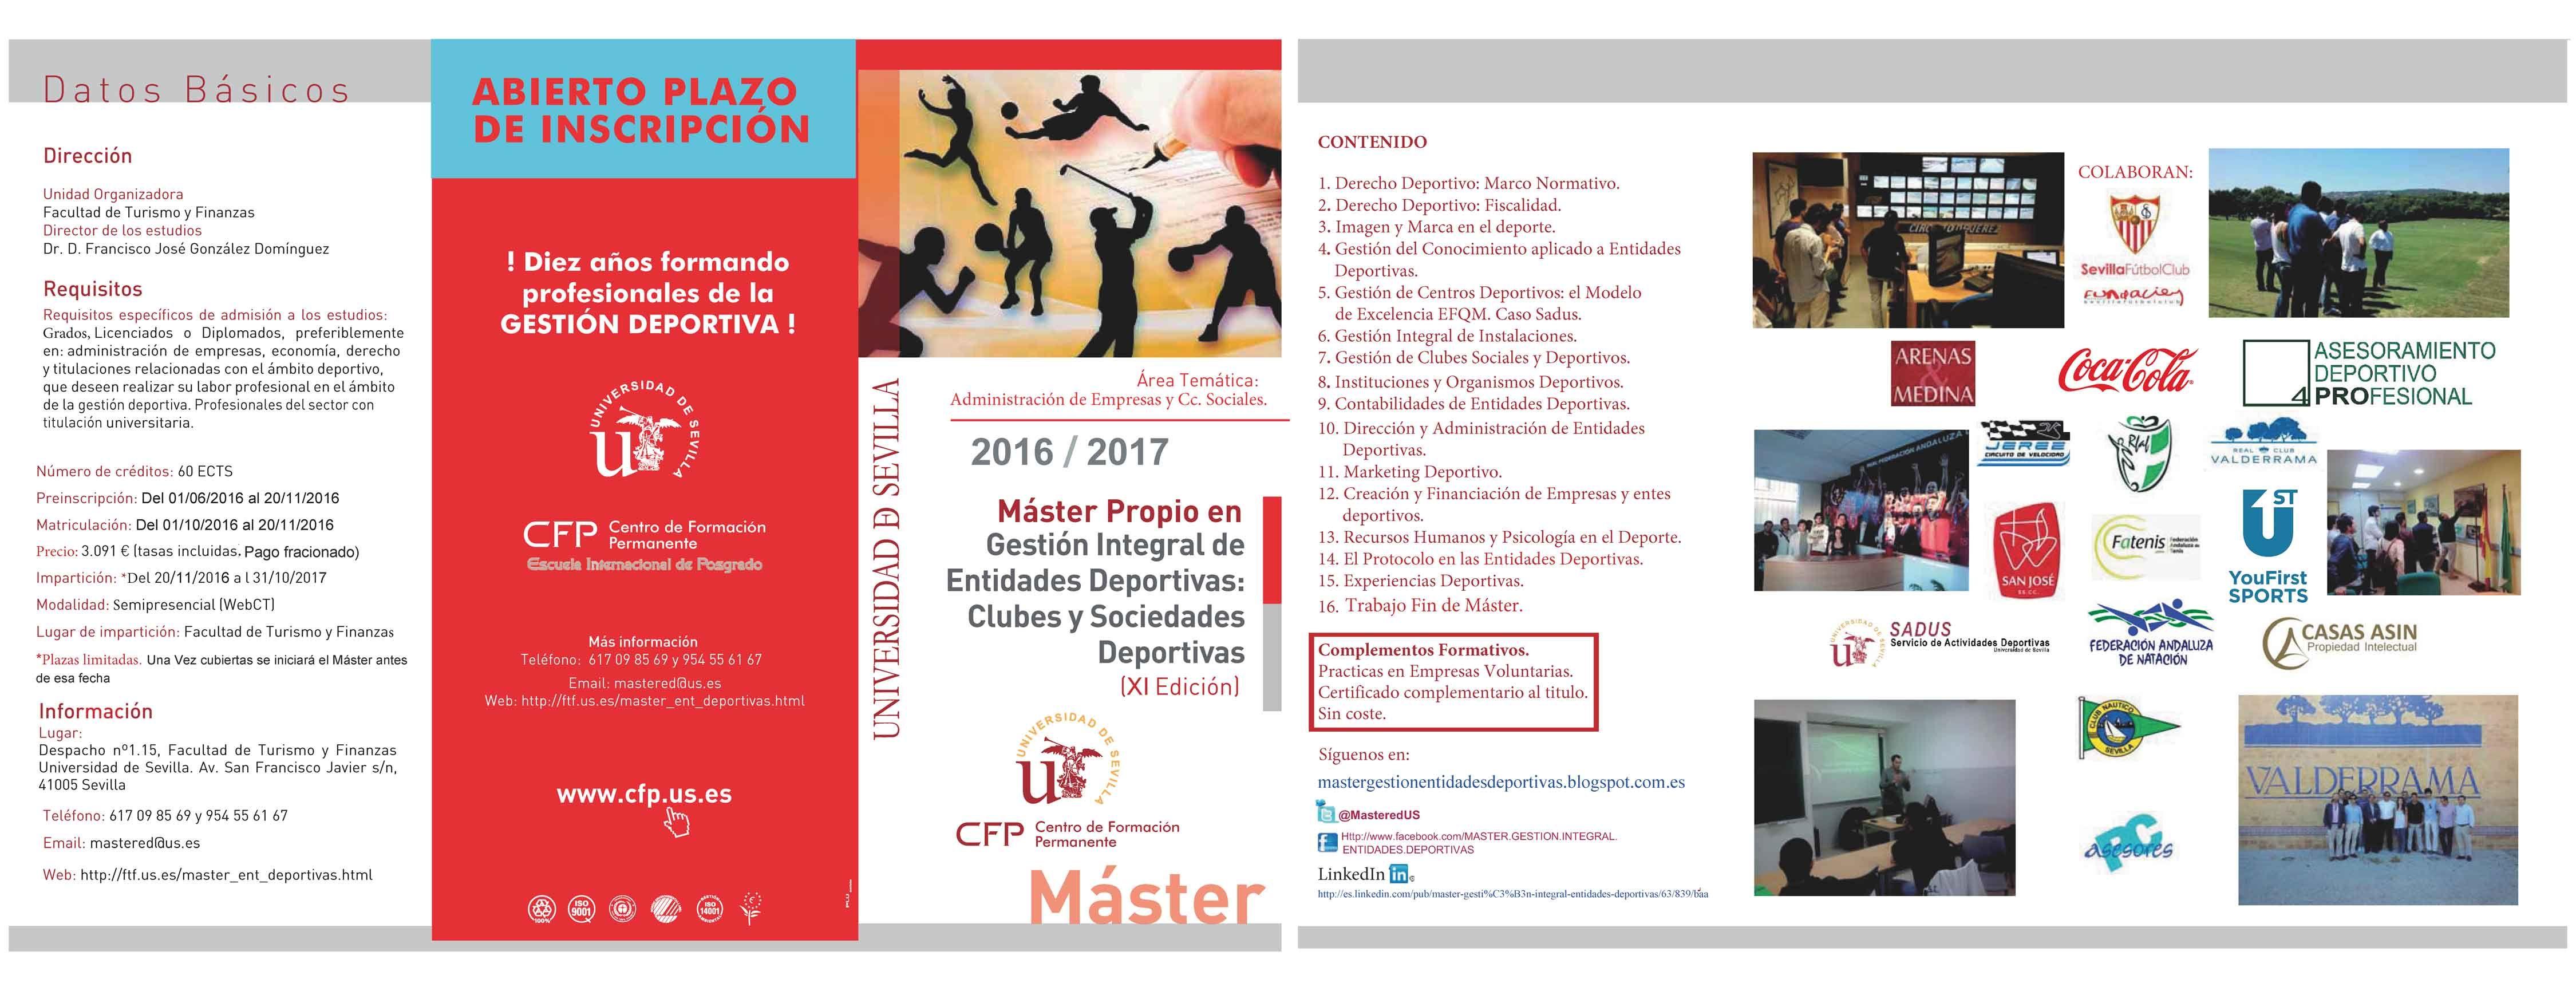 #mastergestiondeportivaus: nuevos colaboradores se suman s la 11@ Edición: #cocacola, #CasasAsin, #4PRO, #federaciónandaluzadenatación. #Esencia y #Actualización